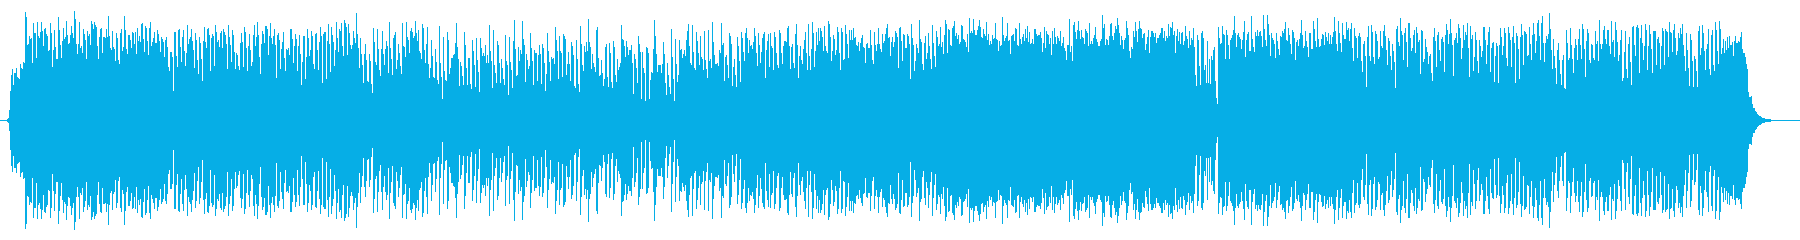 気品漂う壮大なクラシックバラードサウンドの再生済みの波形